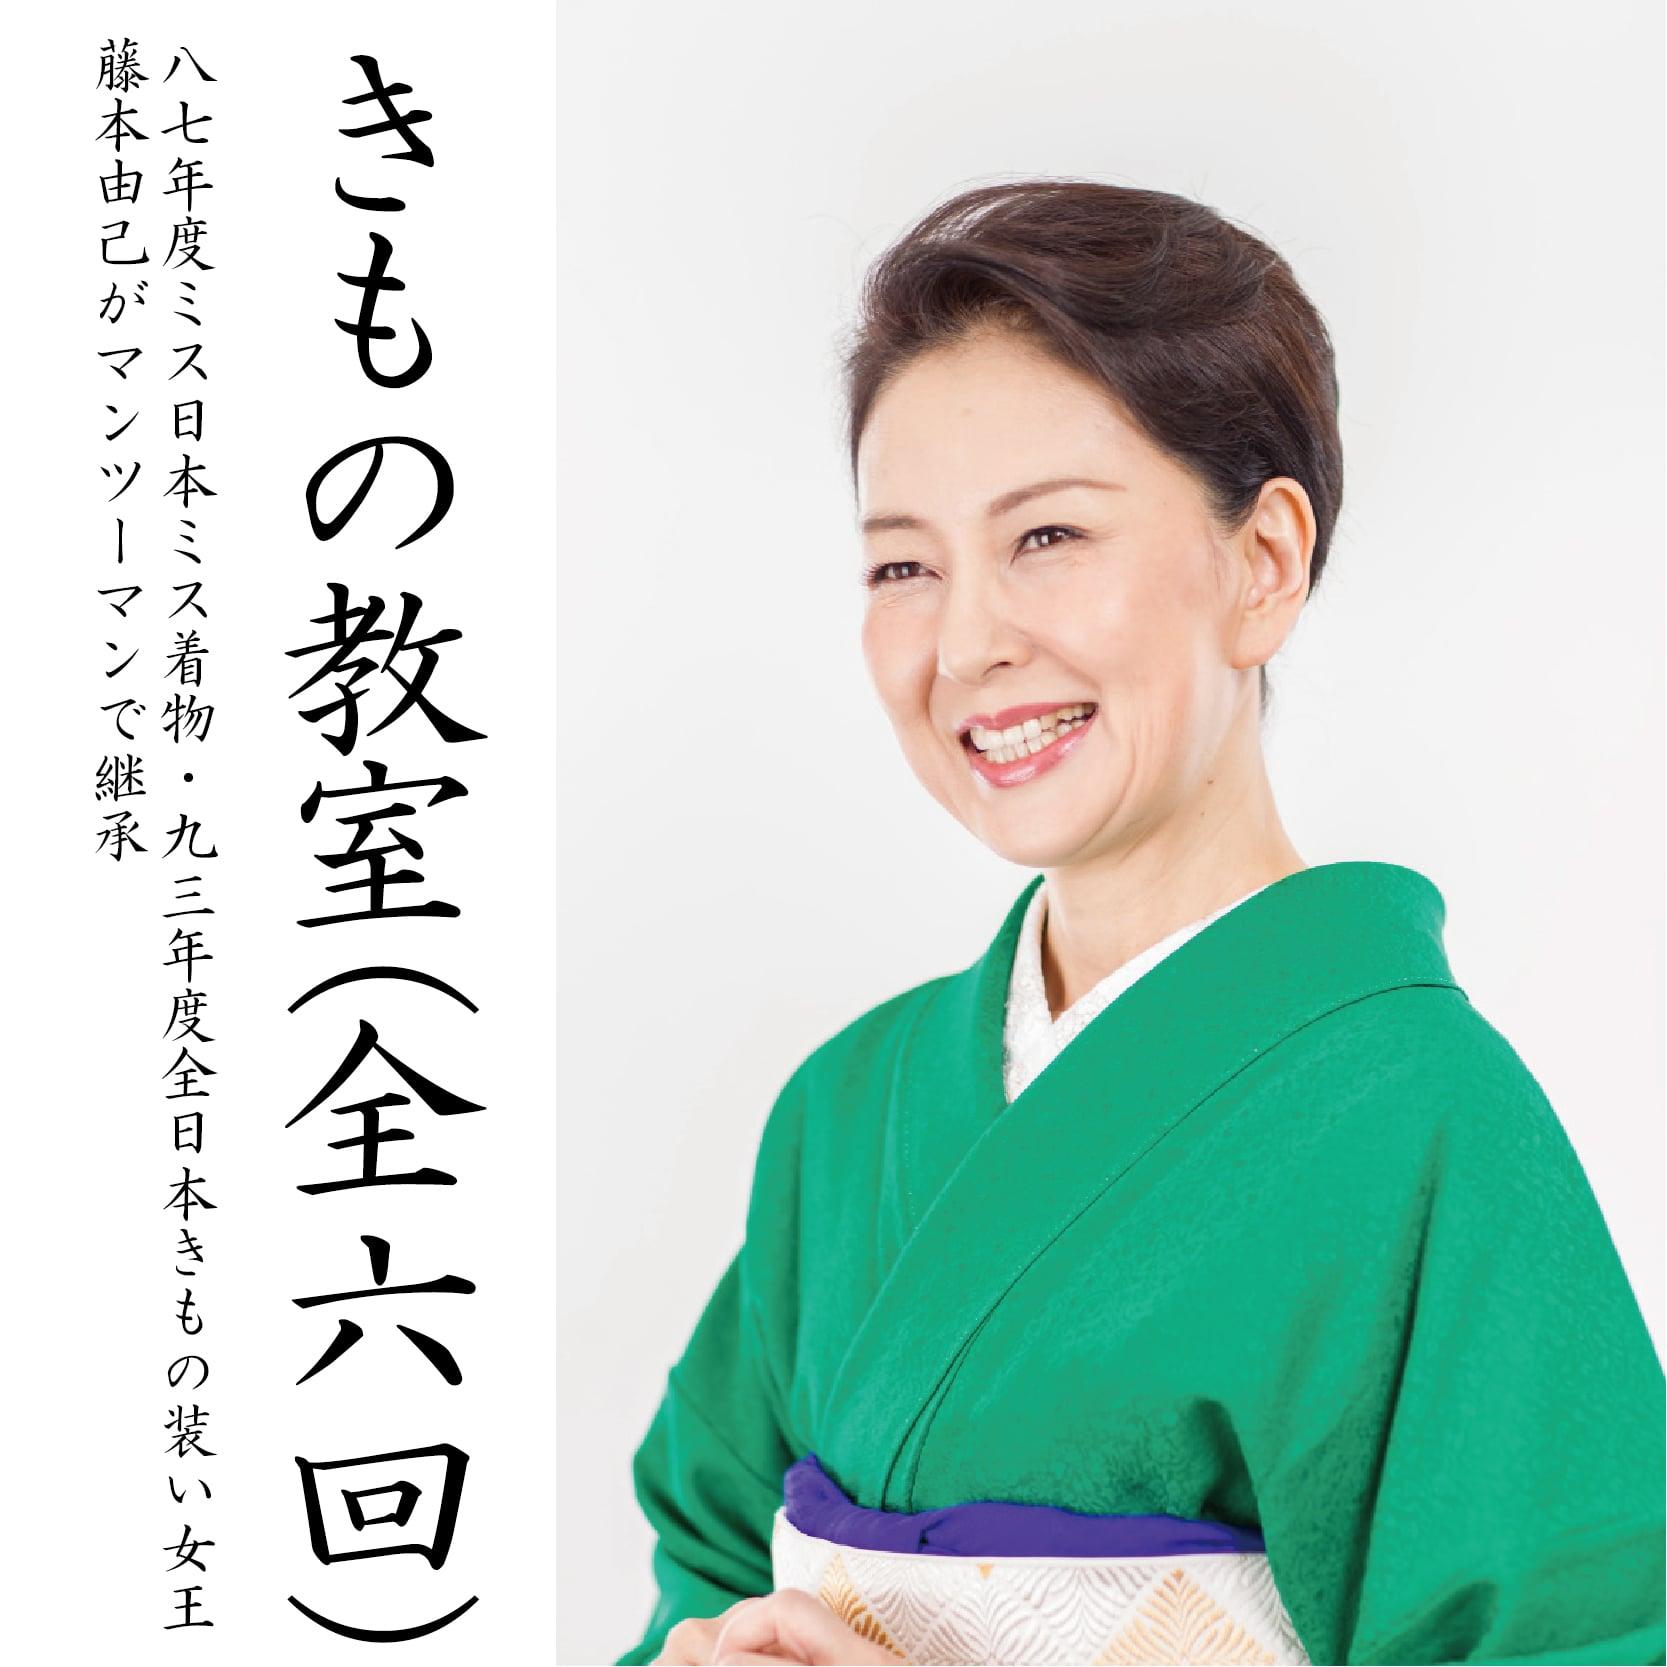 初心者向け対面式、きもの教室(全6回)|87年度ミス日本ミス着物/93年度全日本きもの装い女王・藤本由己が継承のイメージその1